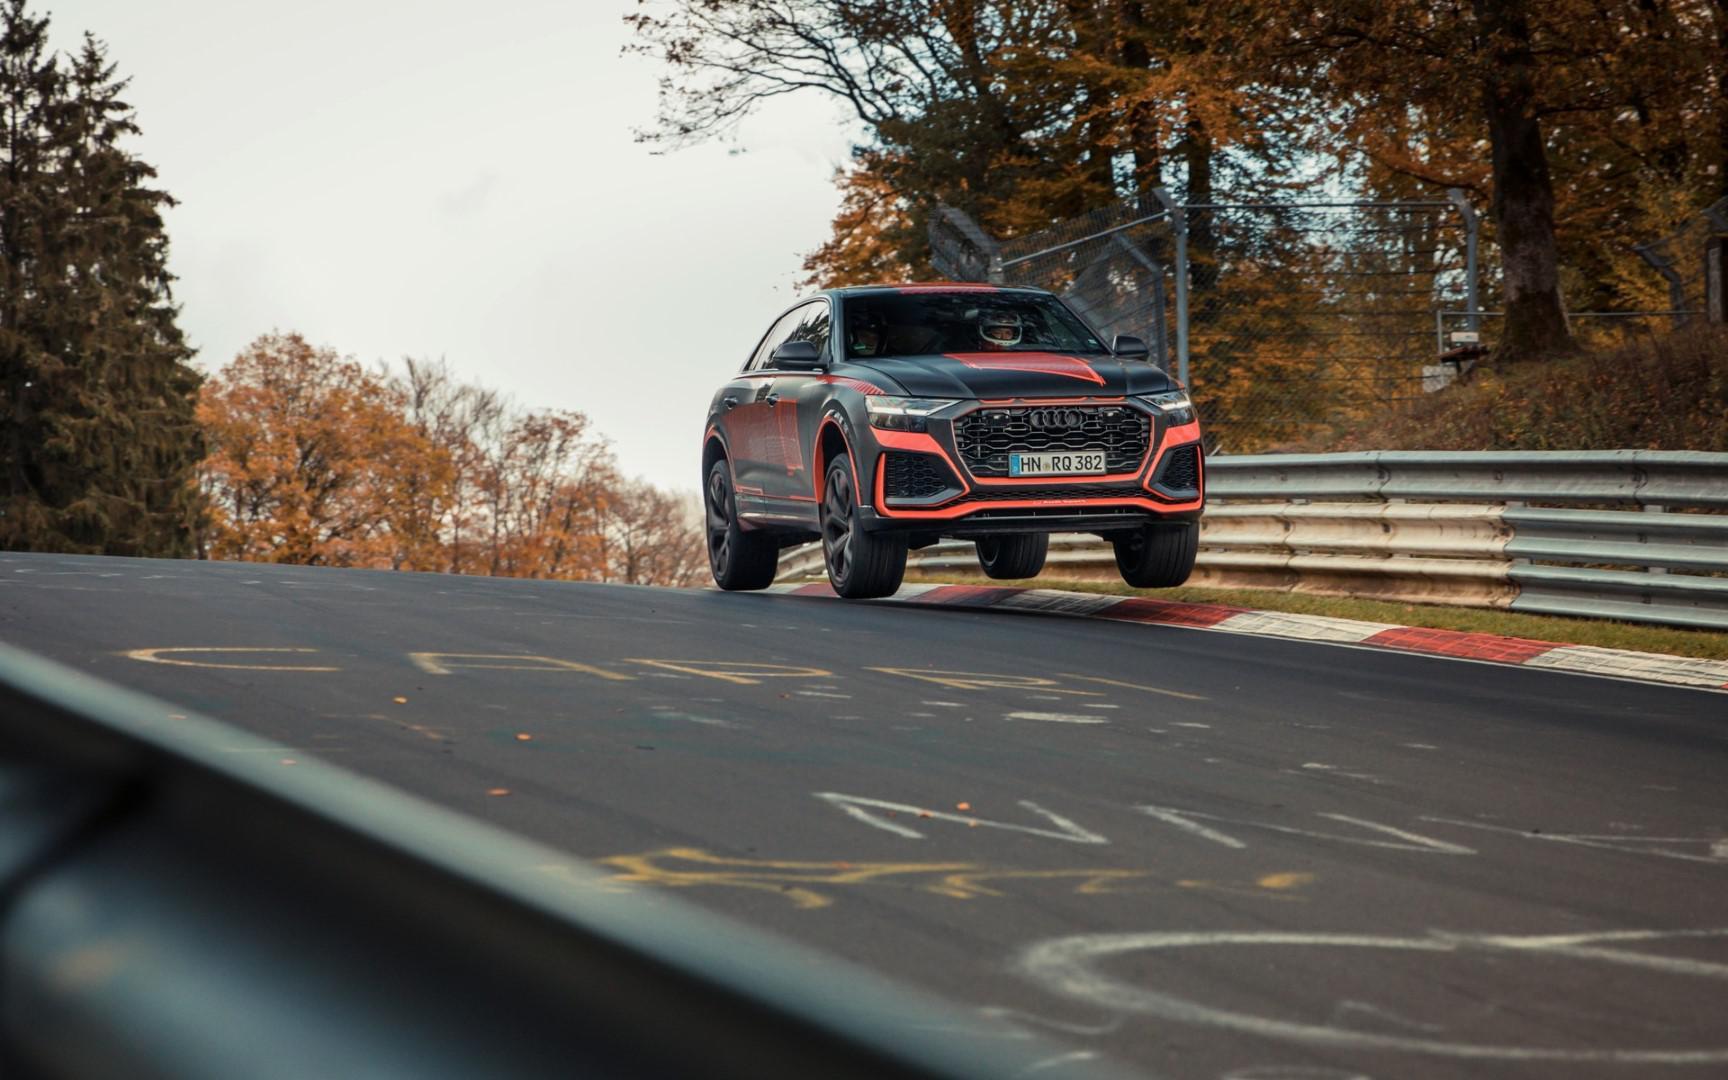 les-voitures-les-plus-rapides-du-nuerburgring-par-categorie-1158-5.jpg